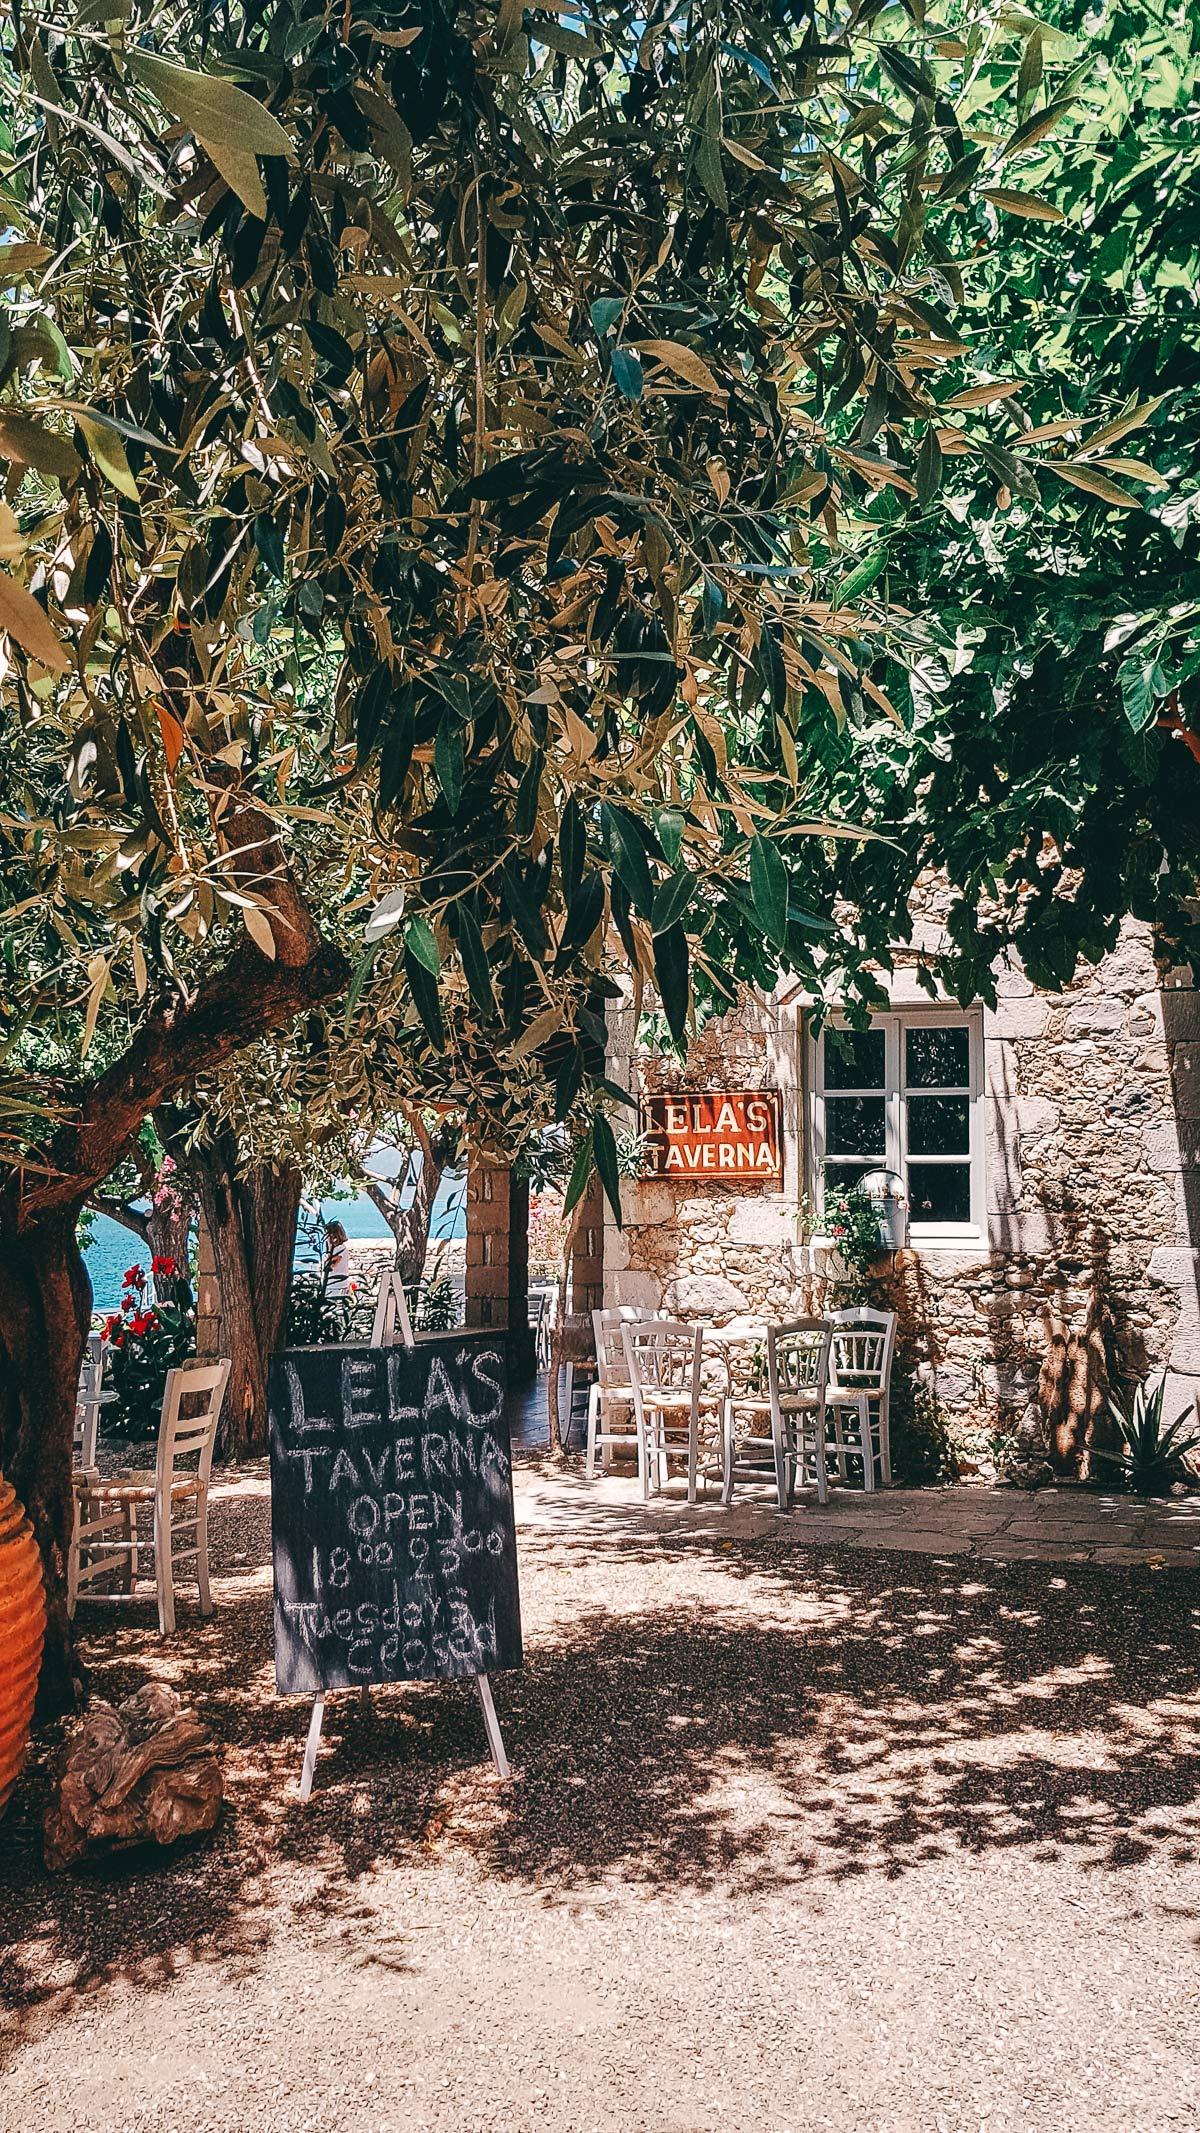 Lelas Taverna Griechenland